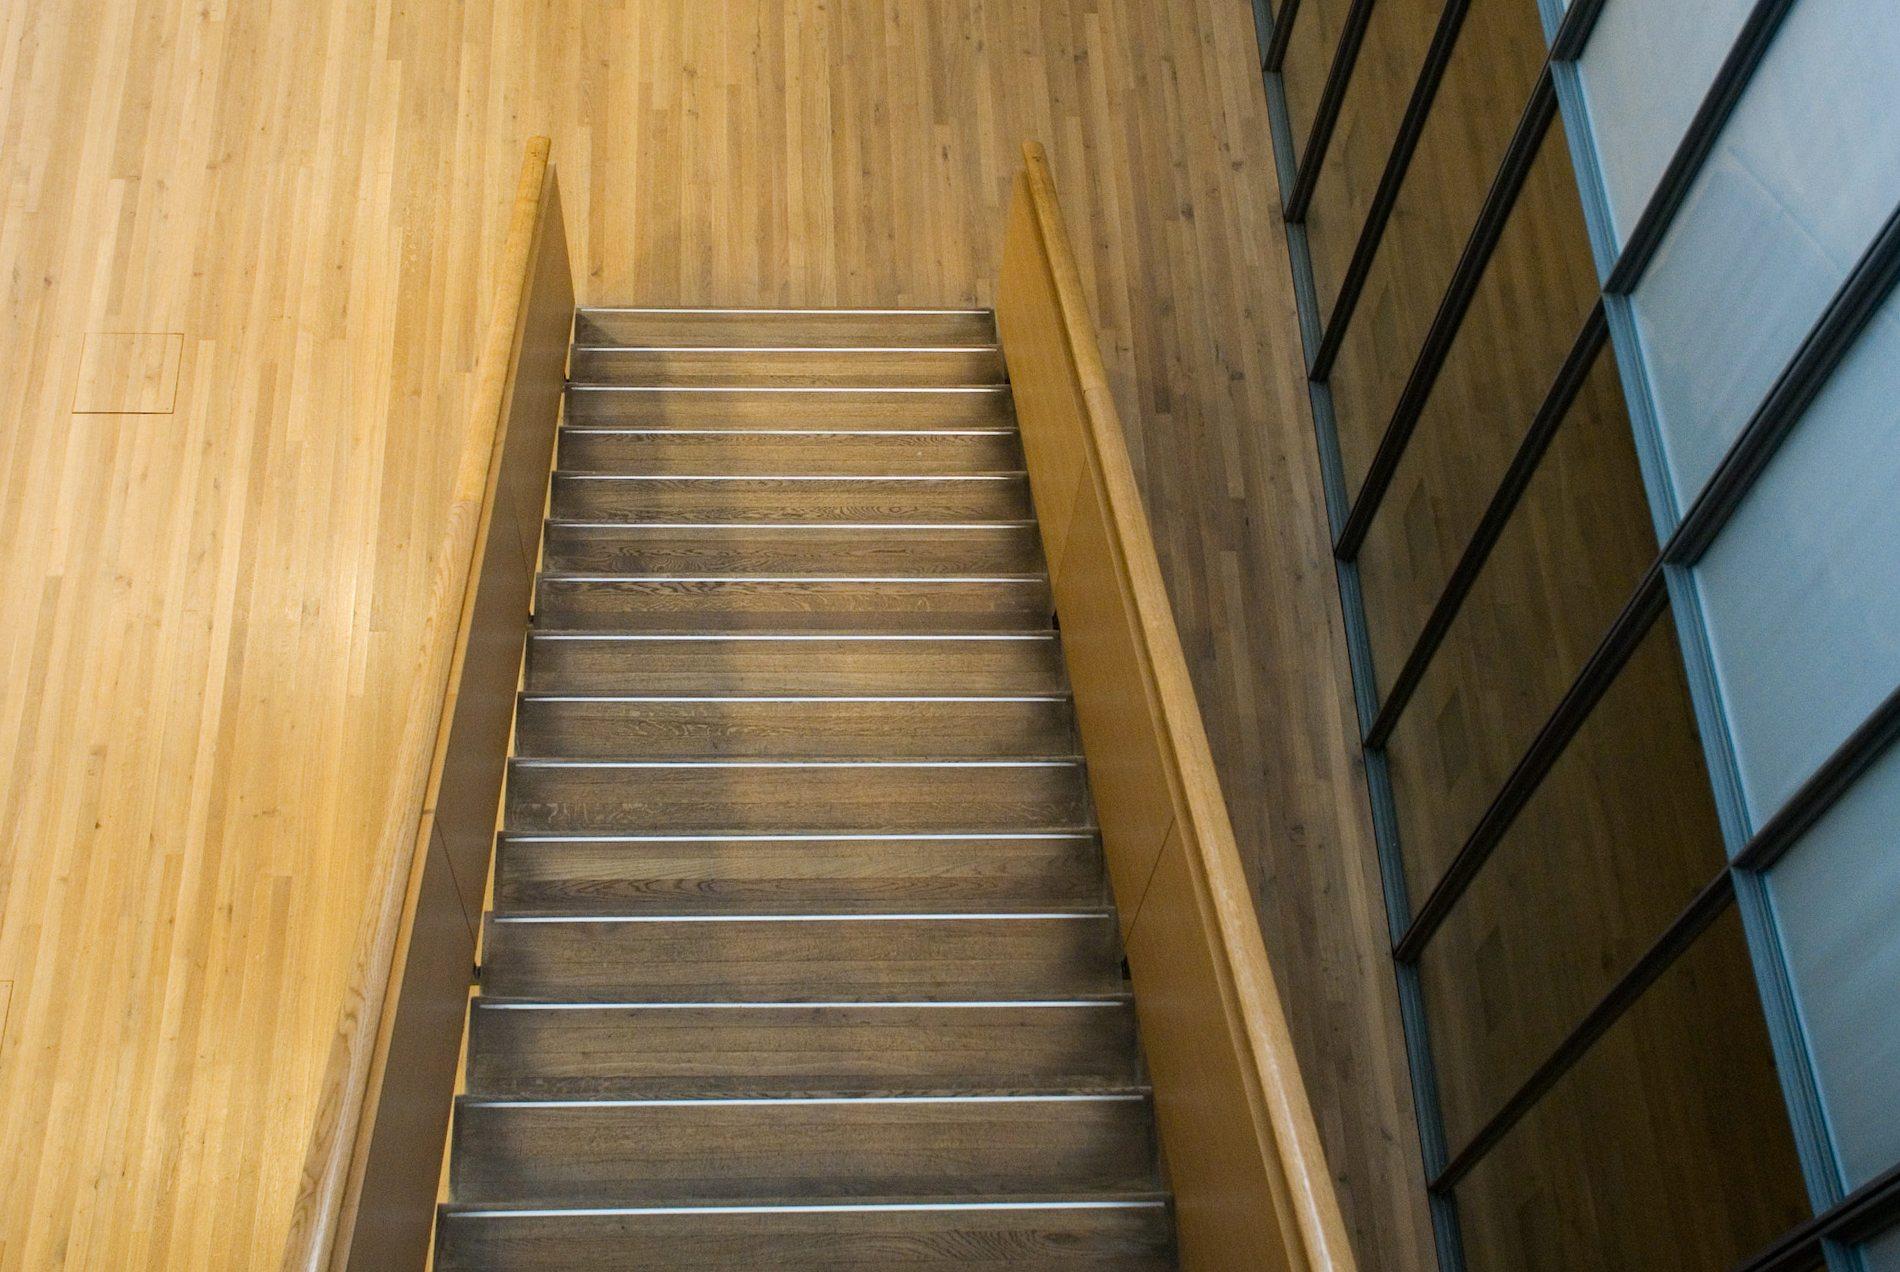 Zentrum Paul Klee. Die nüchterne Holz-Funktionalität des Innenraums.